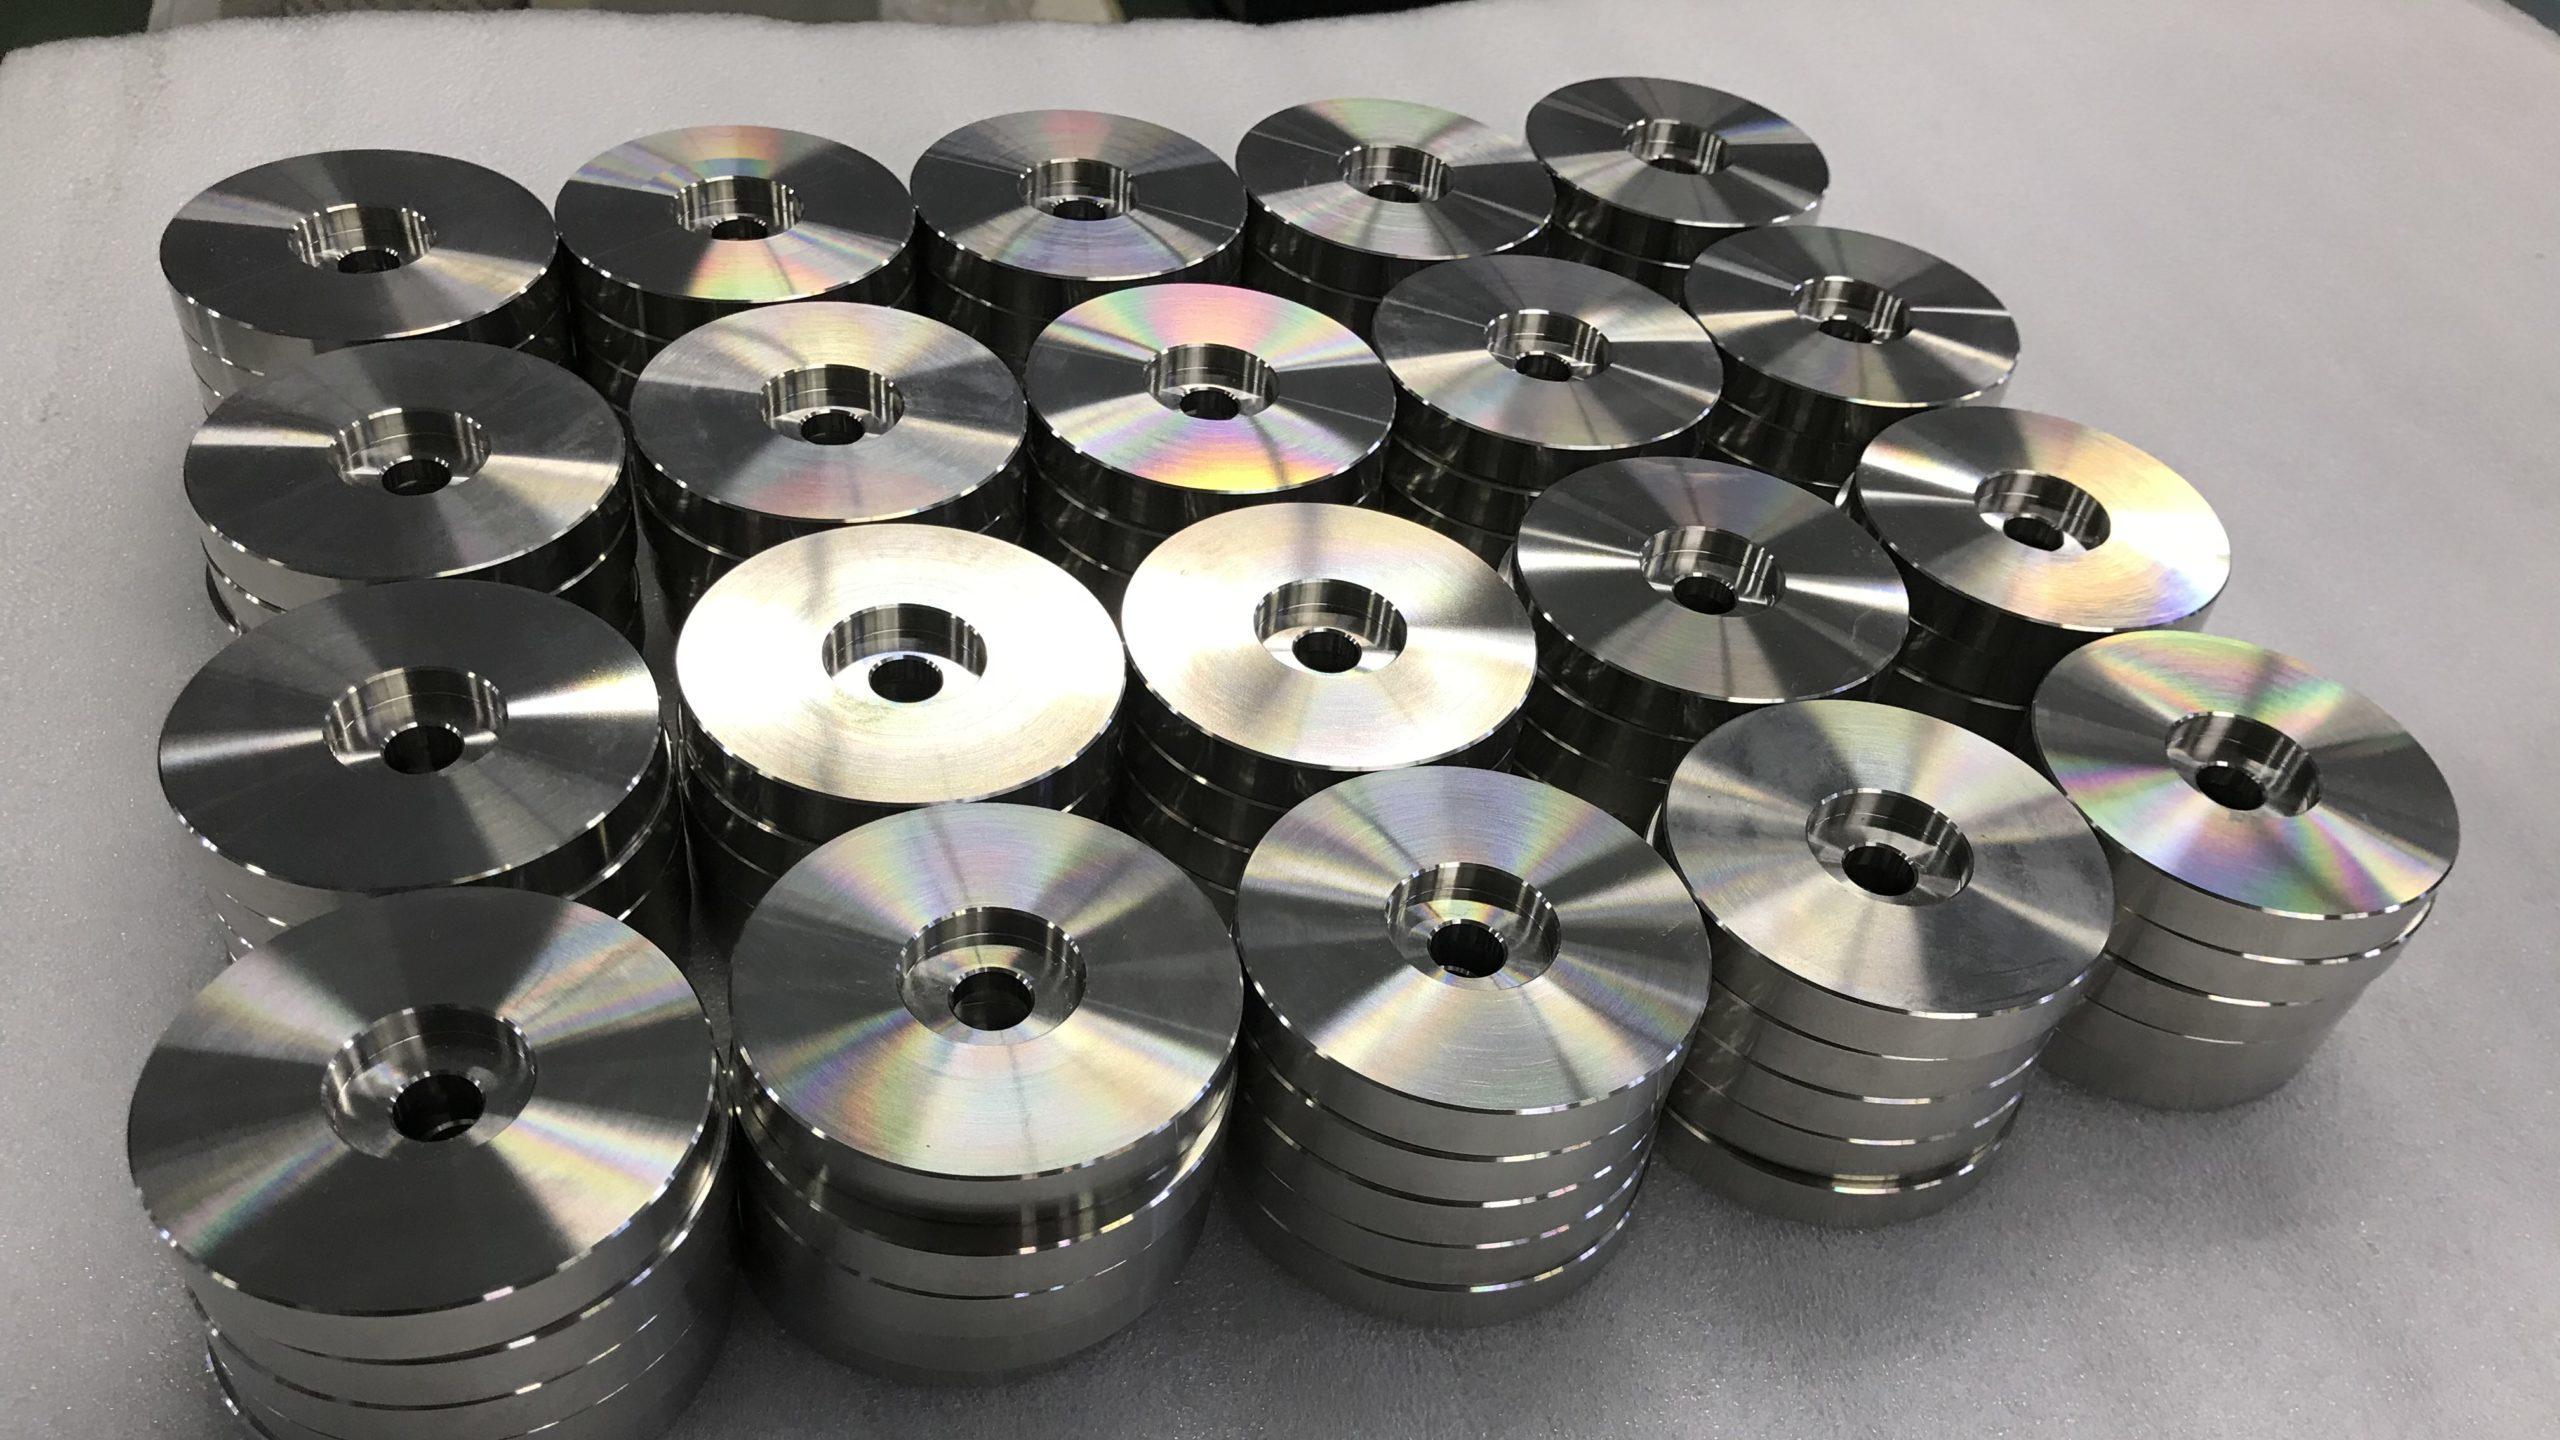 【加工部品調達】丸鋼加工部品(材質:SUS304)ご相談受付中。